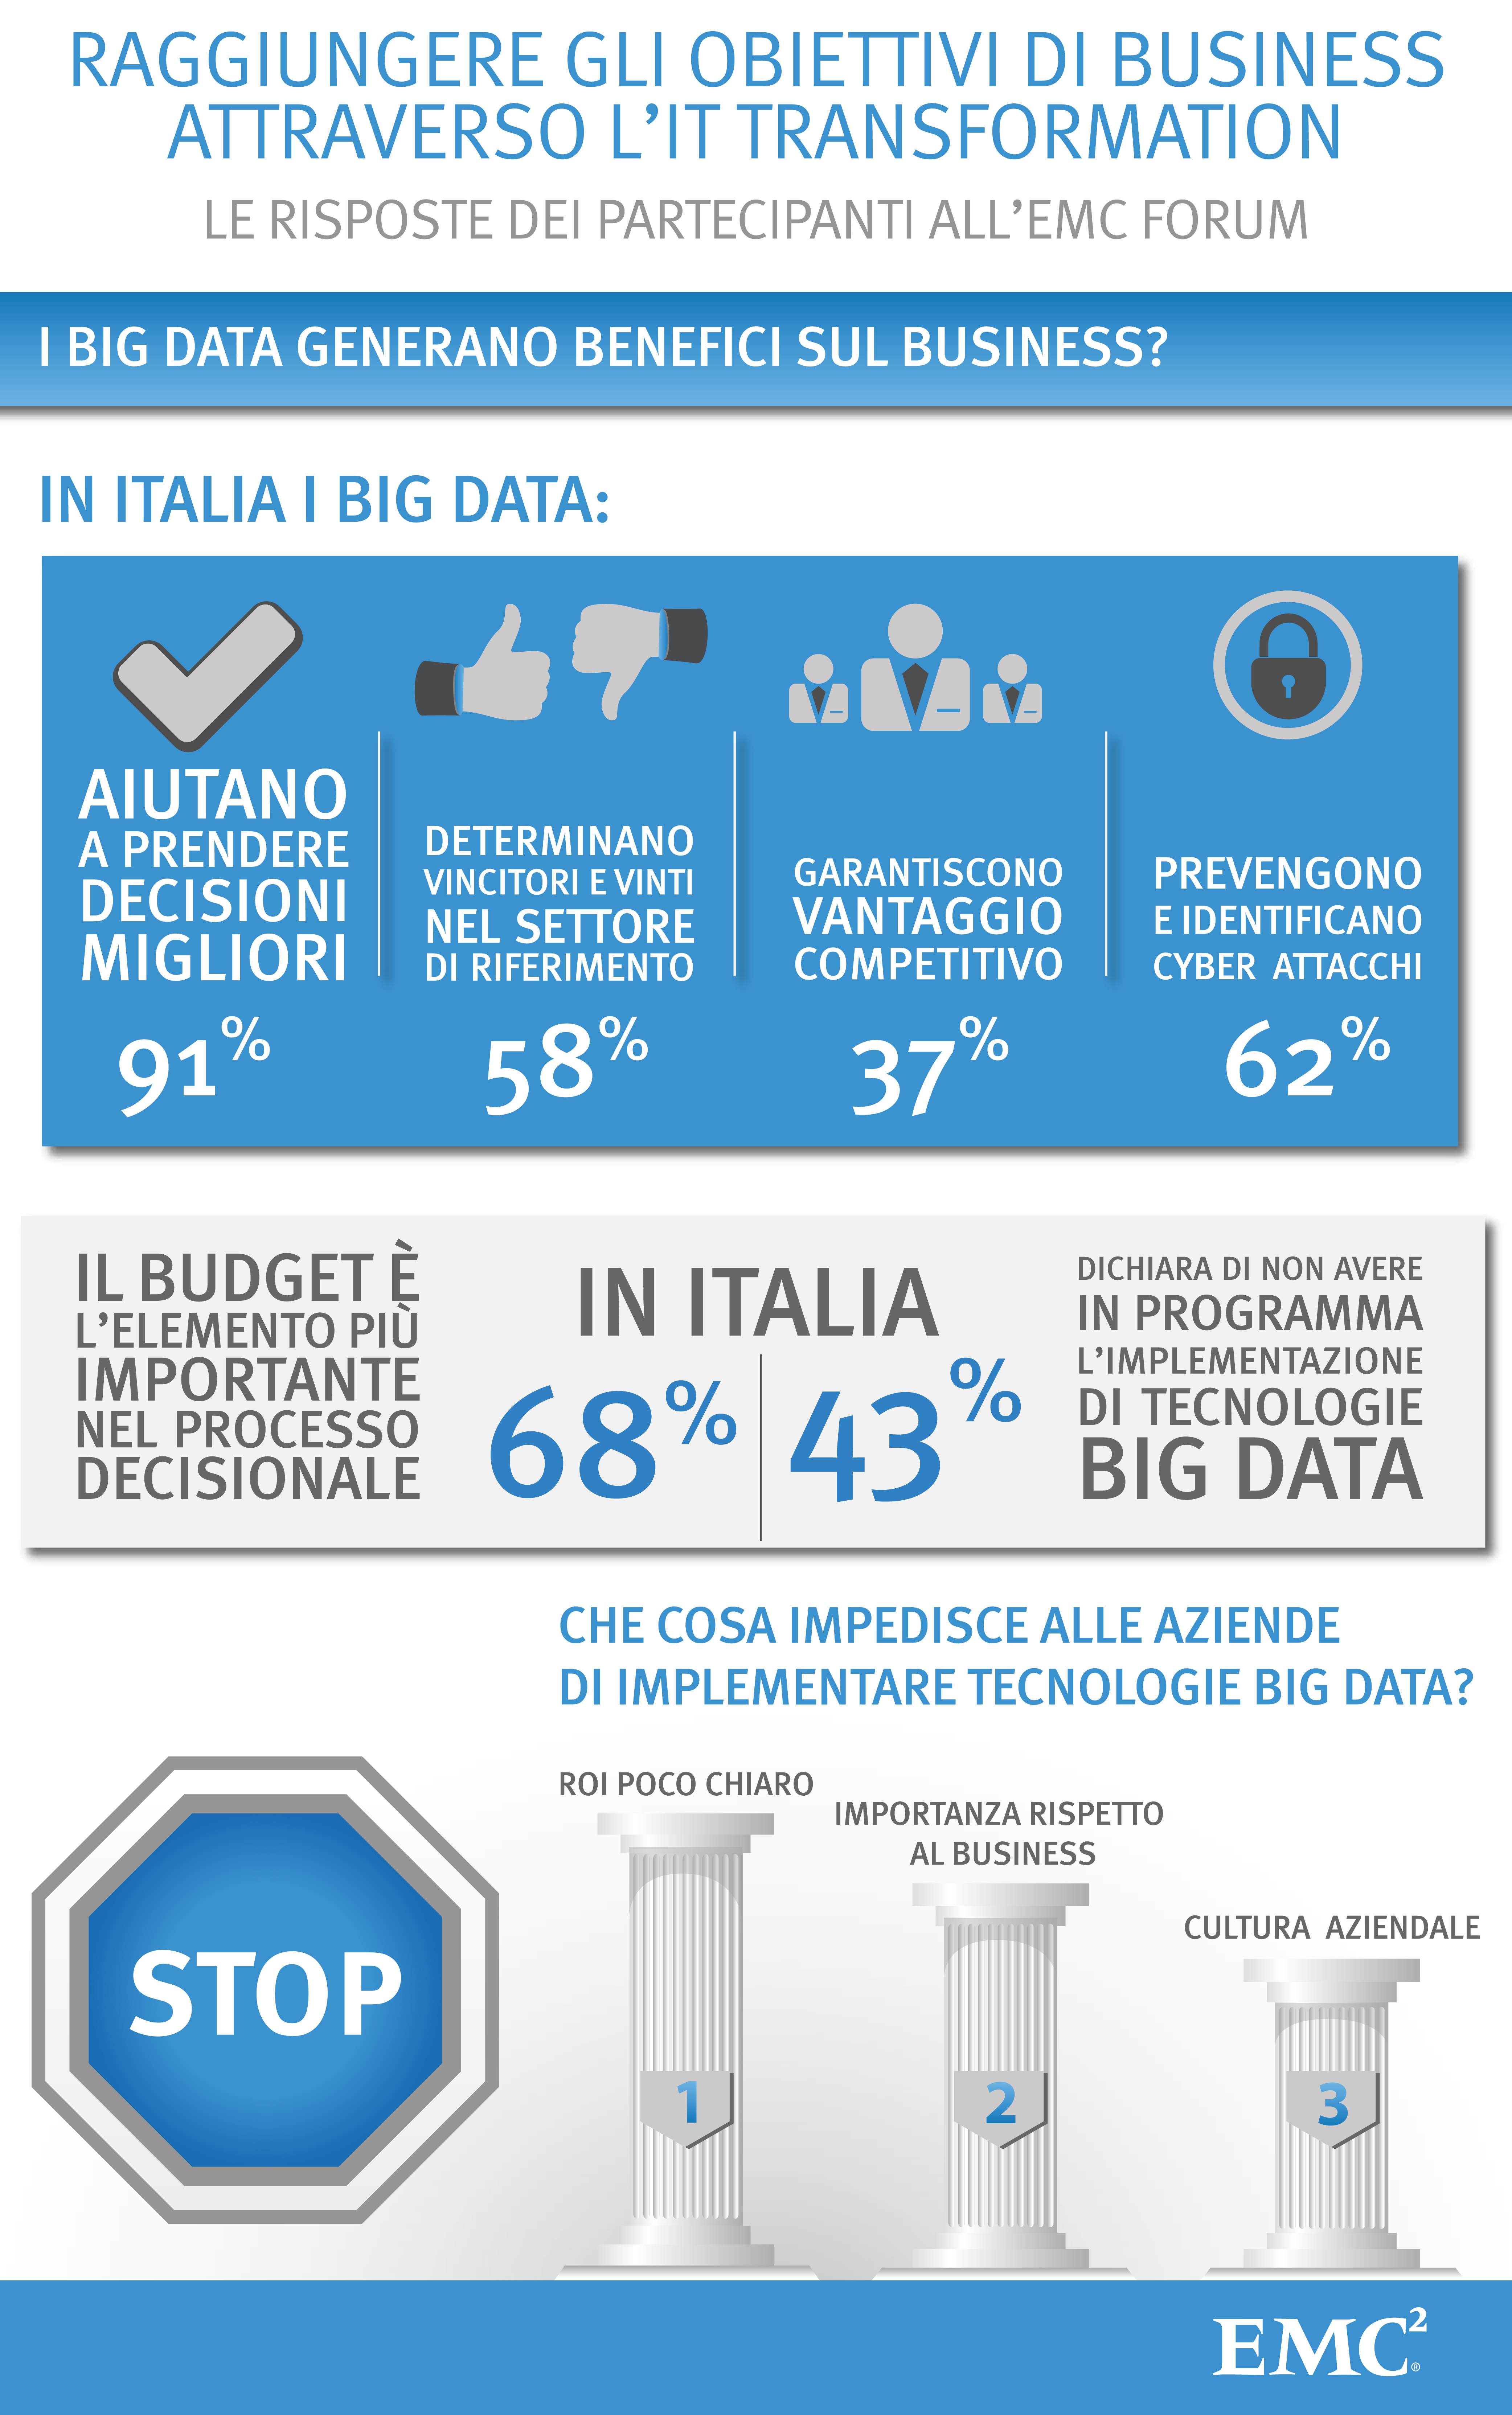 I Big Data generano benefici sul Business? Quali sono le priorità che guidano l'IT?